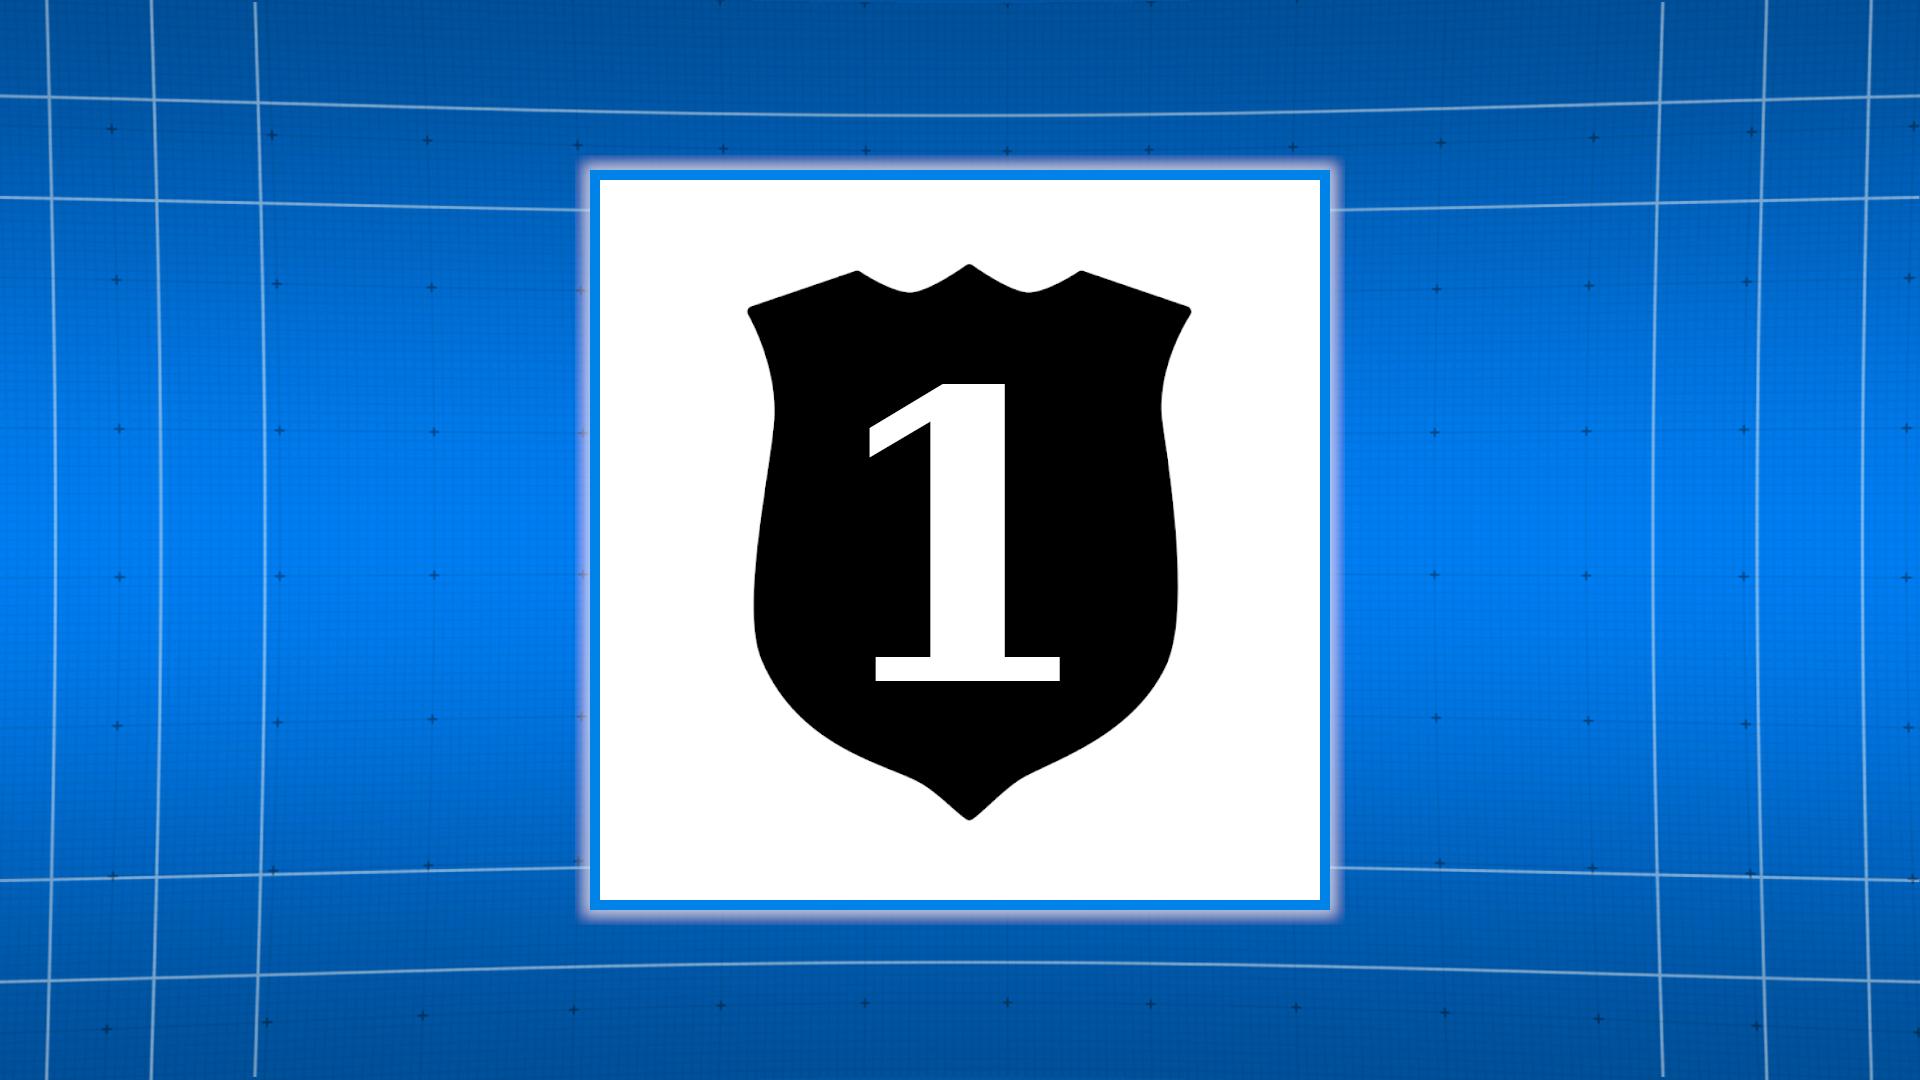 Icon for Investigator 1